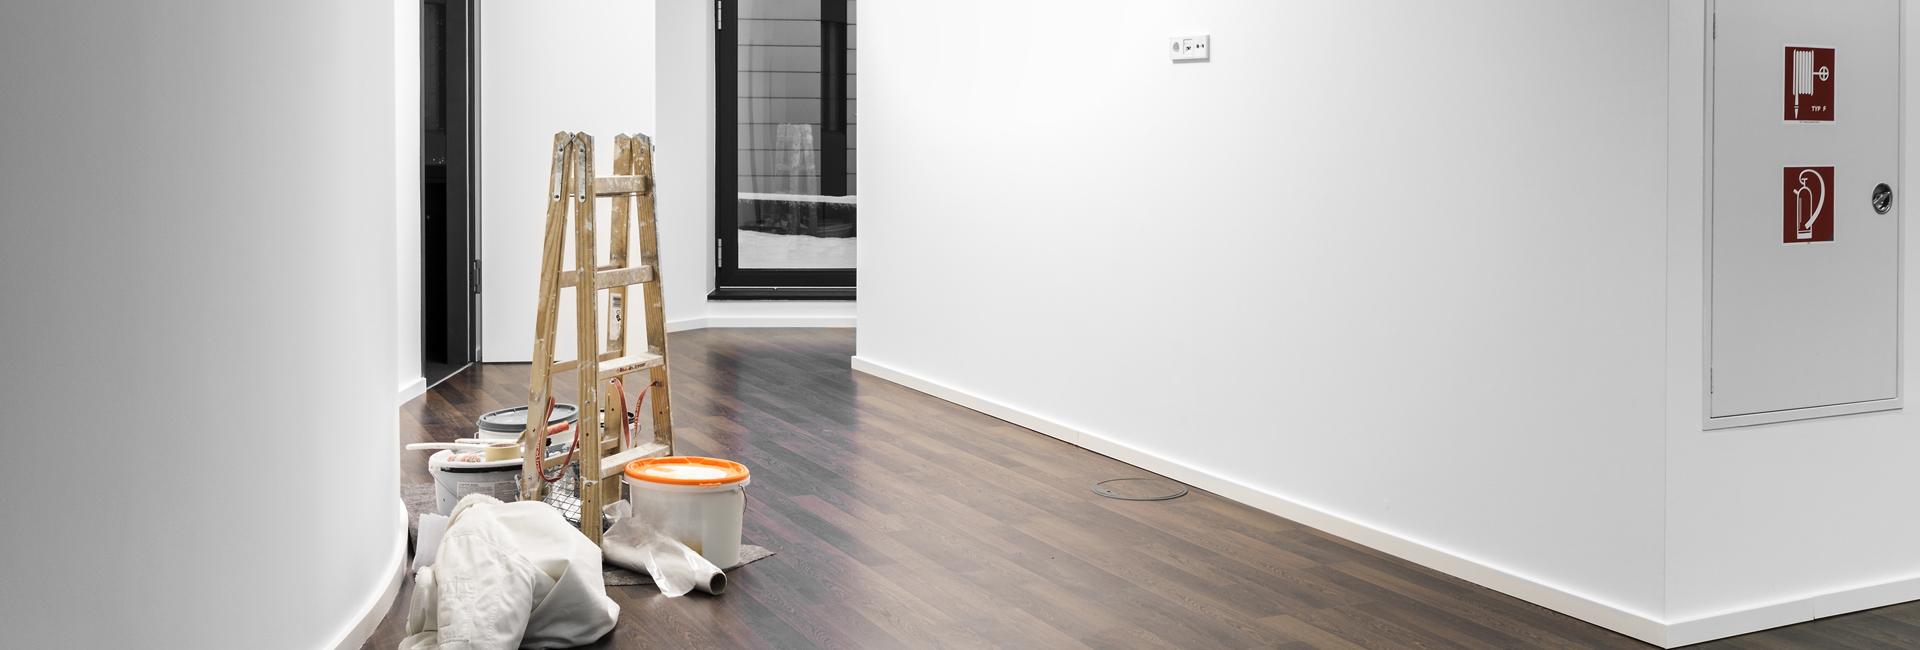 entreprise de peinture lausanne le roi de la peinture. Black Bedroom Furniture Sets. Home Design Ideas